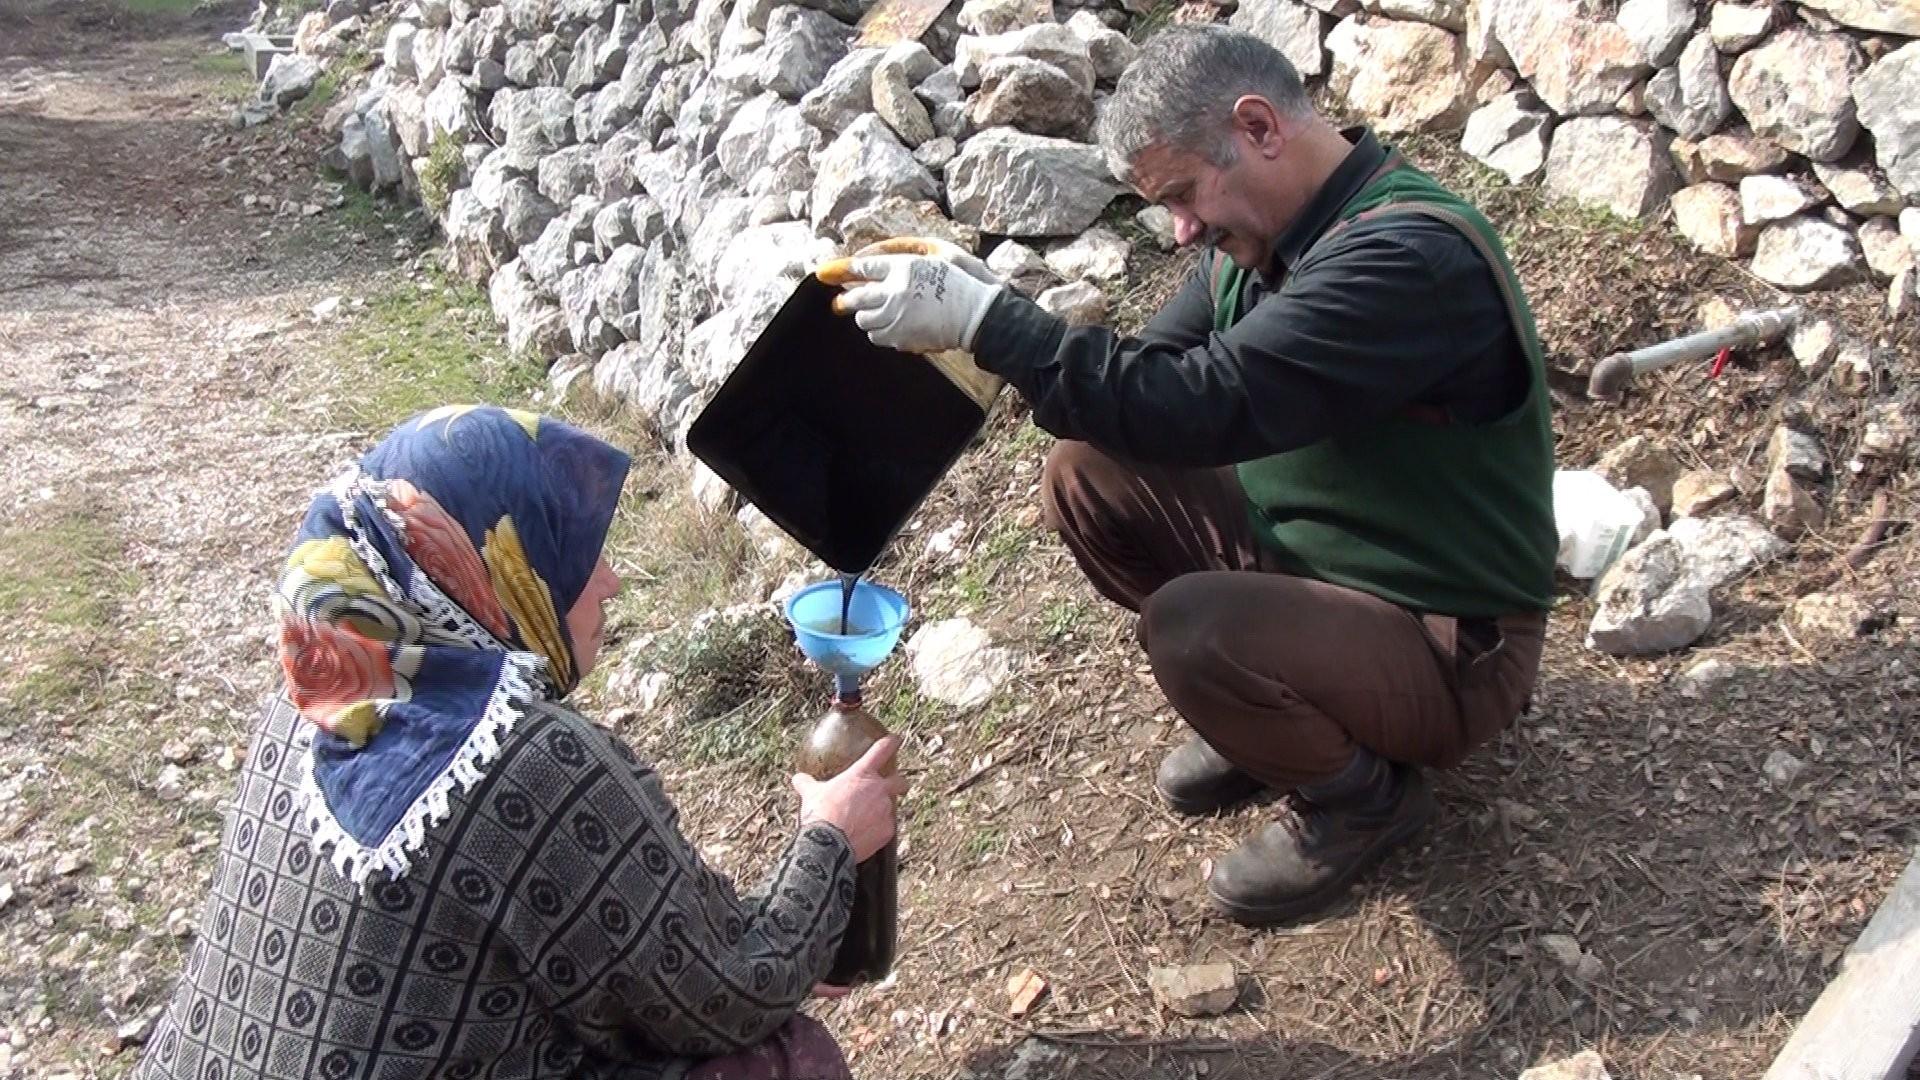 """<p>Antalya'da Sedir ağaçların kazılan toprağı içine yerleştirilen varillerde yakılarak elde edilen katranın kilosu 150 liradan alıcı buluyor. Her derde şifa katran yağı için sadece önceden sipariş verenler yağa sahip olabiliyor.</p> <p></p> <p>Antalya'nın Akseki ilçesi Alaçeşme mahallesinde yaşayan Abdullah Güven, eşi ile birlikte atadan kalma yöntemle 'katran yağı' üretiyor. Katran yağı üretimi için, ormandan kereste tüccarları tarafından kesimi yapılmış veya yıkılmış sedir ağaçlarını satın alan Abdullah Güven eve kadar taşıdığı sedir ağaçlarını, el motoru, balta ve balyozlarla küçük odun parçaları haline getiriyor. Bu parçalar keserle parçalanarak, küçük çıralar elde ediliyor. Eğimli bir arazide açılan çukurun içine yerleştirilen varillerin ucuna demir bir boru yerleştiriliyor. Toprağa gömülü olan varilin içine küçük çıra parçaları tek tek döşeniyor. Varilin hava almaması için kelepçe ile sıkıştırılıyor. Daha sonra toprakta gömülü olan varilin üzeri ve etrafı dallar ile kapatılıp, yakılıyor. Bu işlem beş altı saat sürüyor ve sonunda damıtılan katran yağı şişelere dolduruluyor.<br />Keser ile küçük çıralar haline getirdiğini ve bu şekilde ham madde haline getirdiğini söyleyen Uğur, """"Eskiden atalarımız sedir yağını çıkarmak için açtıkları çukurlarda damla yöntemi ile yapıyorlardı. Ben sedir yağını çıkarmak için kendim deneme yanılma yöntemiyle keşf ettiğim yöntemle normal varilin içine girecek şekilde özel varil yaptırdım. Varilin içerisine yaptırmış olduğum ikinci varili yerleştiriyorum. Varilin içerisinde ince delikleri var. Dış kısmına ise özel boru koydum. Damlama sistemi ile ikinci varilde biriken katran yağı borularla dışarıya çıkıyor"""" dedi.<br /><br /></p> <p><strong>Posasını bile değerlendiriyorlar</strong></p> <p></p> <p>Katran yağını tamamen doğal yöntemlerle ürettiğini söyleyen Güven, """"Yakmış olduğum katran ağacının posasını dahi değerlendiriyorum. Bu mangal kömürü olarak ta kullanıyoruz. Sedir ağacının her parçasını değerlendiriyorum. Bu oldukça zahmetli"""